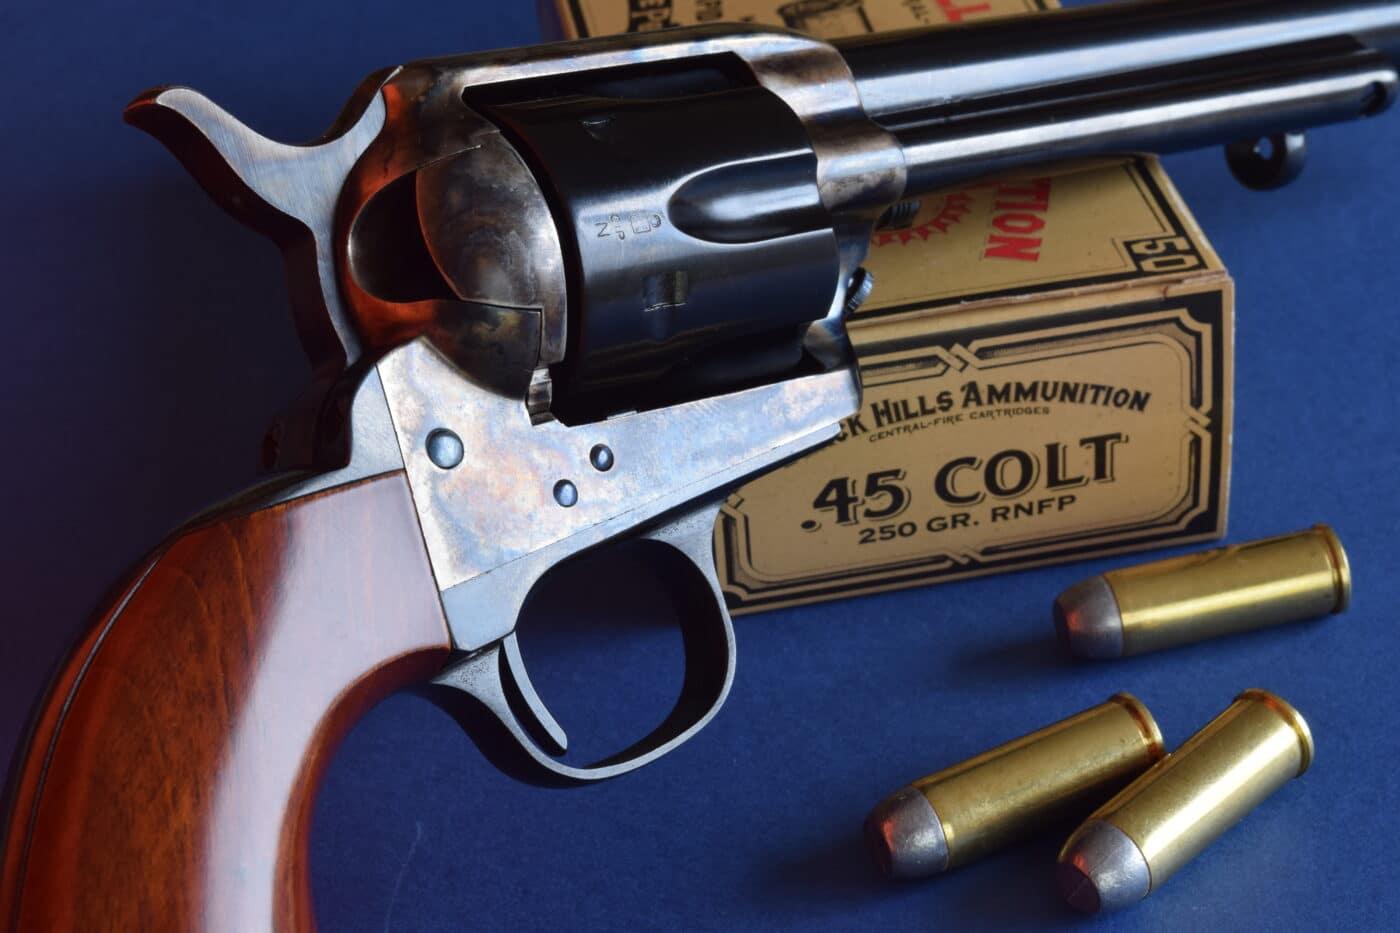 Colt SAA and ammo